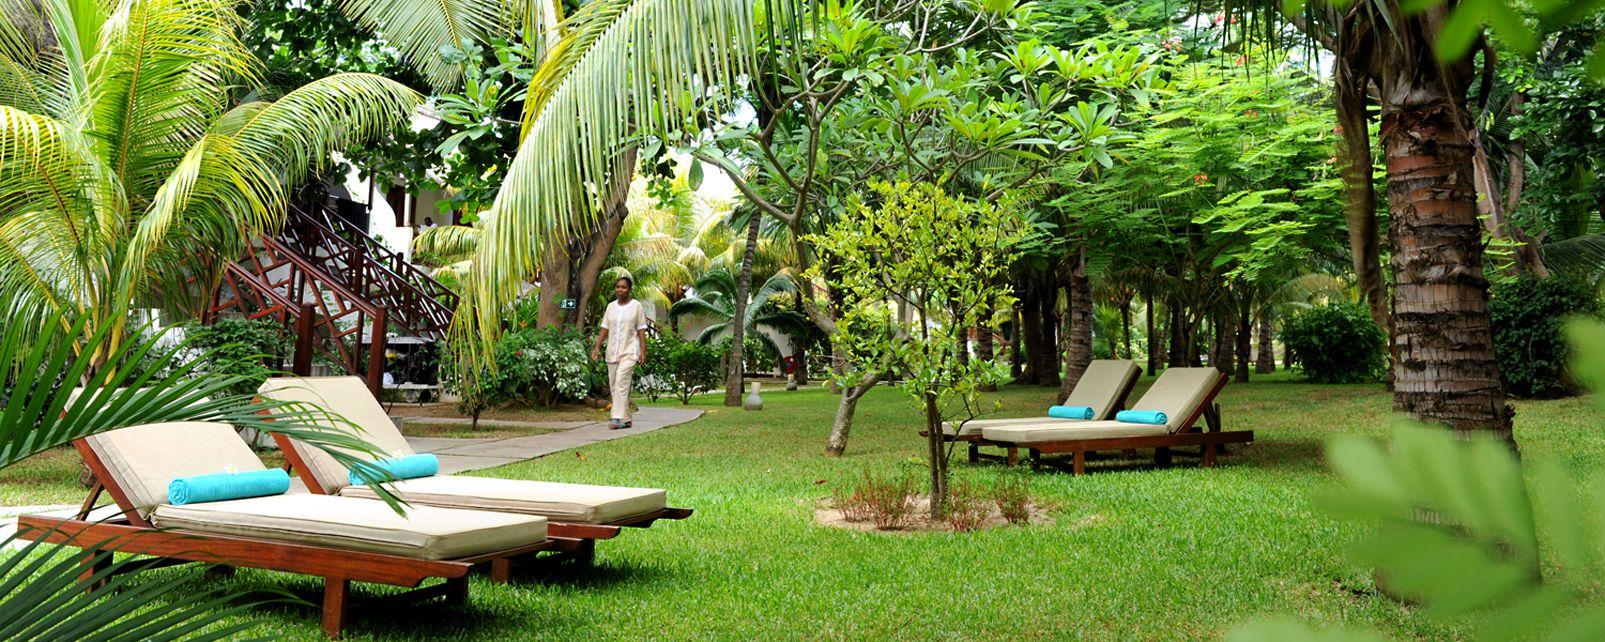 Hotel Coin de Mire Attitude, Cap Malheureux, Isola Mauritius